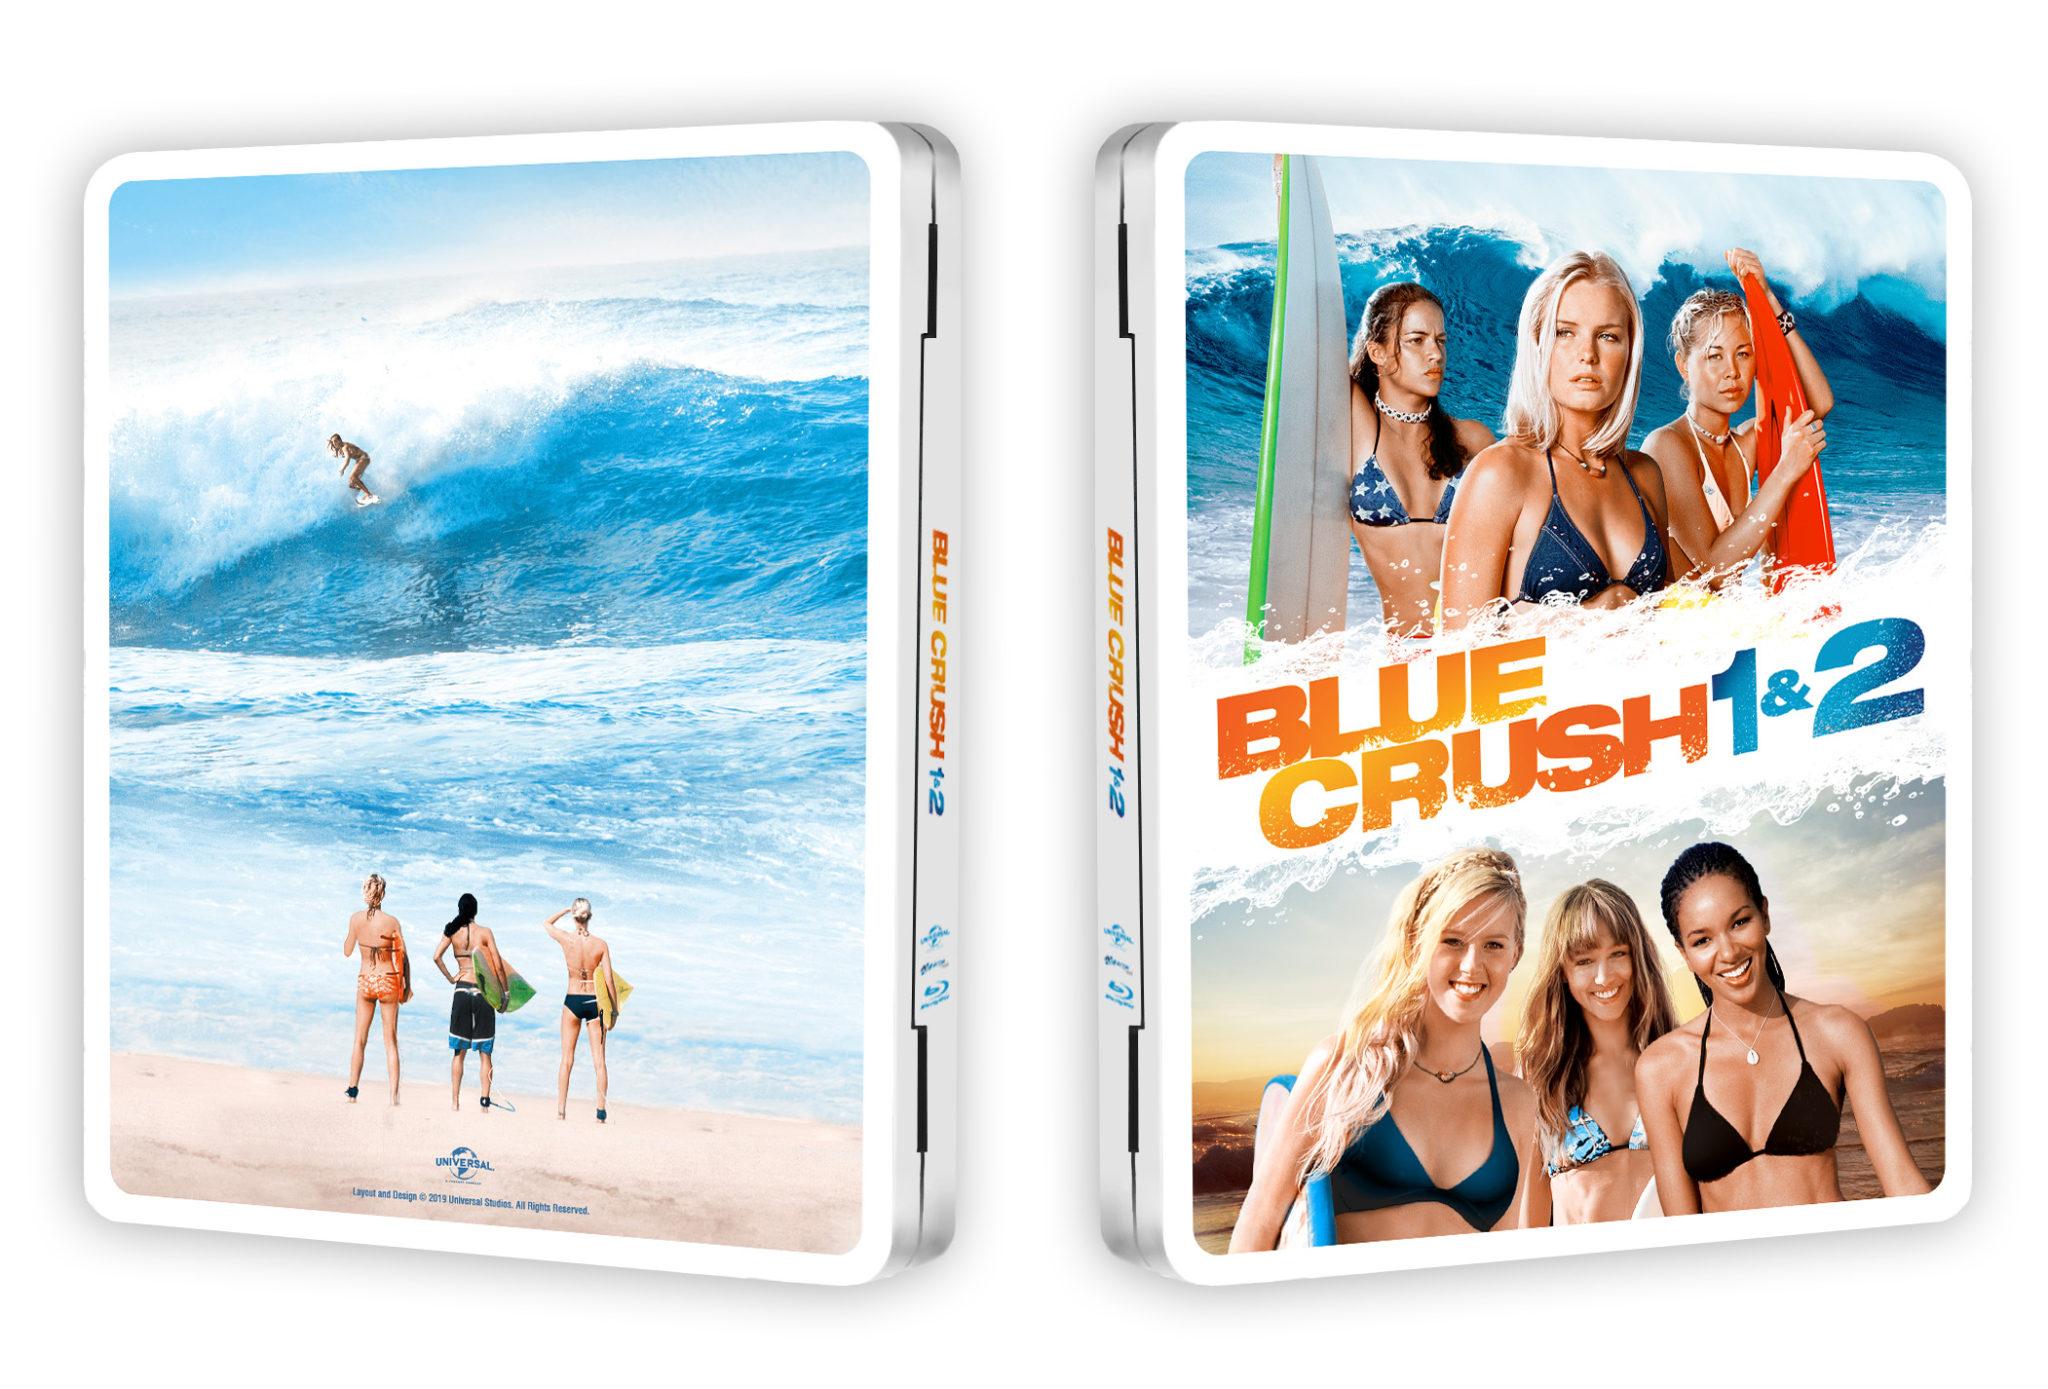 """Das aufgeklappte Blu-Ray-Steelbook von """"Blue Crush"""" 1+2. Links das Backcover, das die drei Hauptdarstellerinnen aus """"Blue Crush"""" in einer Rückansicht, wie sie am Strand stehend einer Surferin zusehen. Rechts das Frontcover mit ihnen und den drei Hauptdarstellerinnen von """"Blue Crush 2"""" auf zwei übereinander gelegten Fotos."""